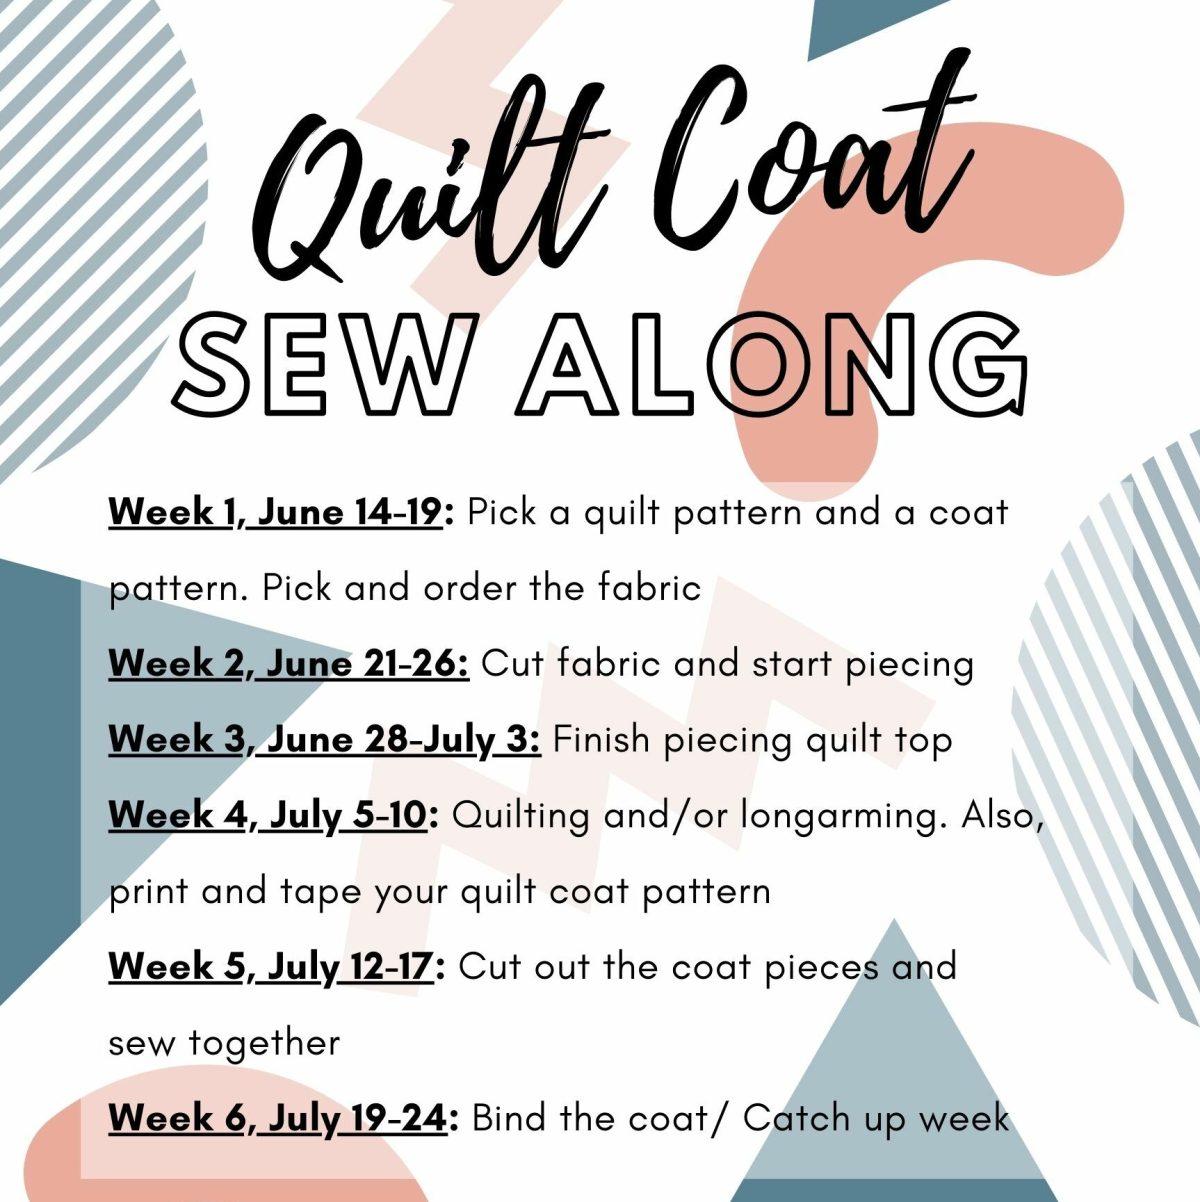 Quilt Coat SAL timeline